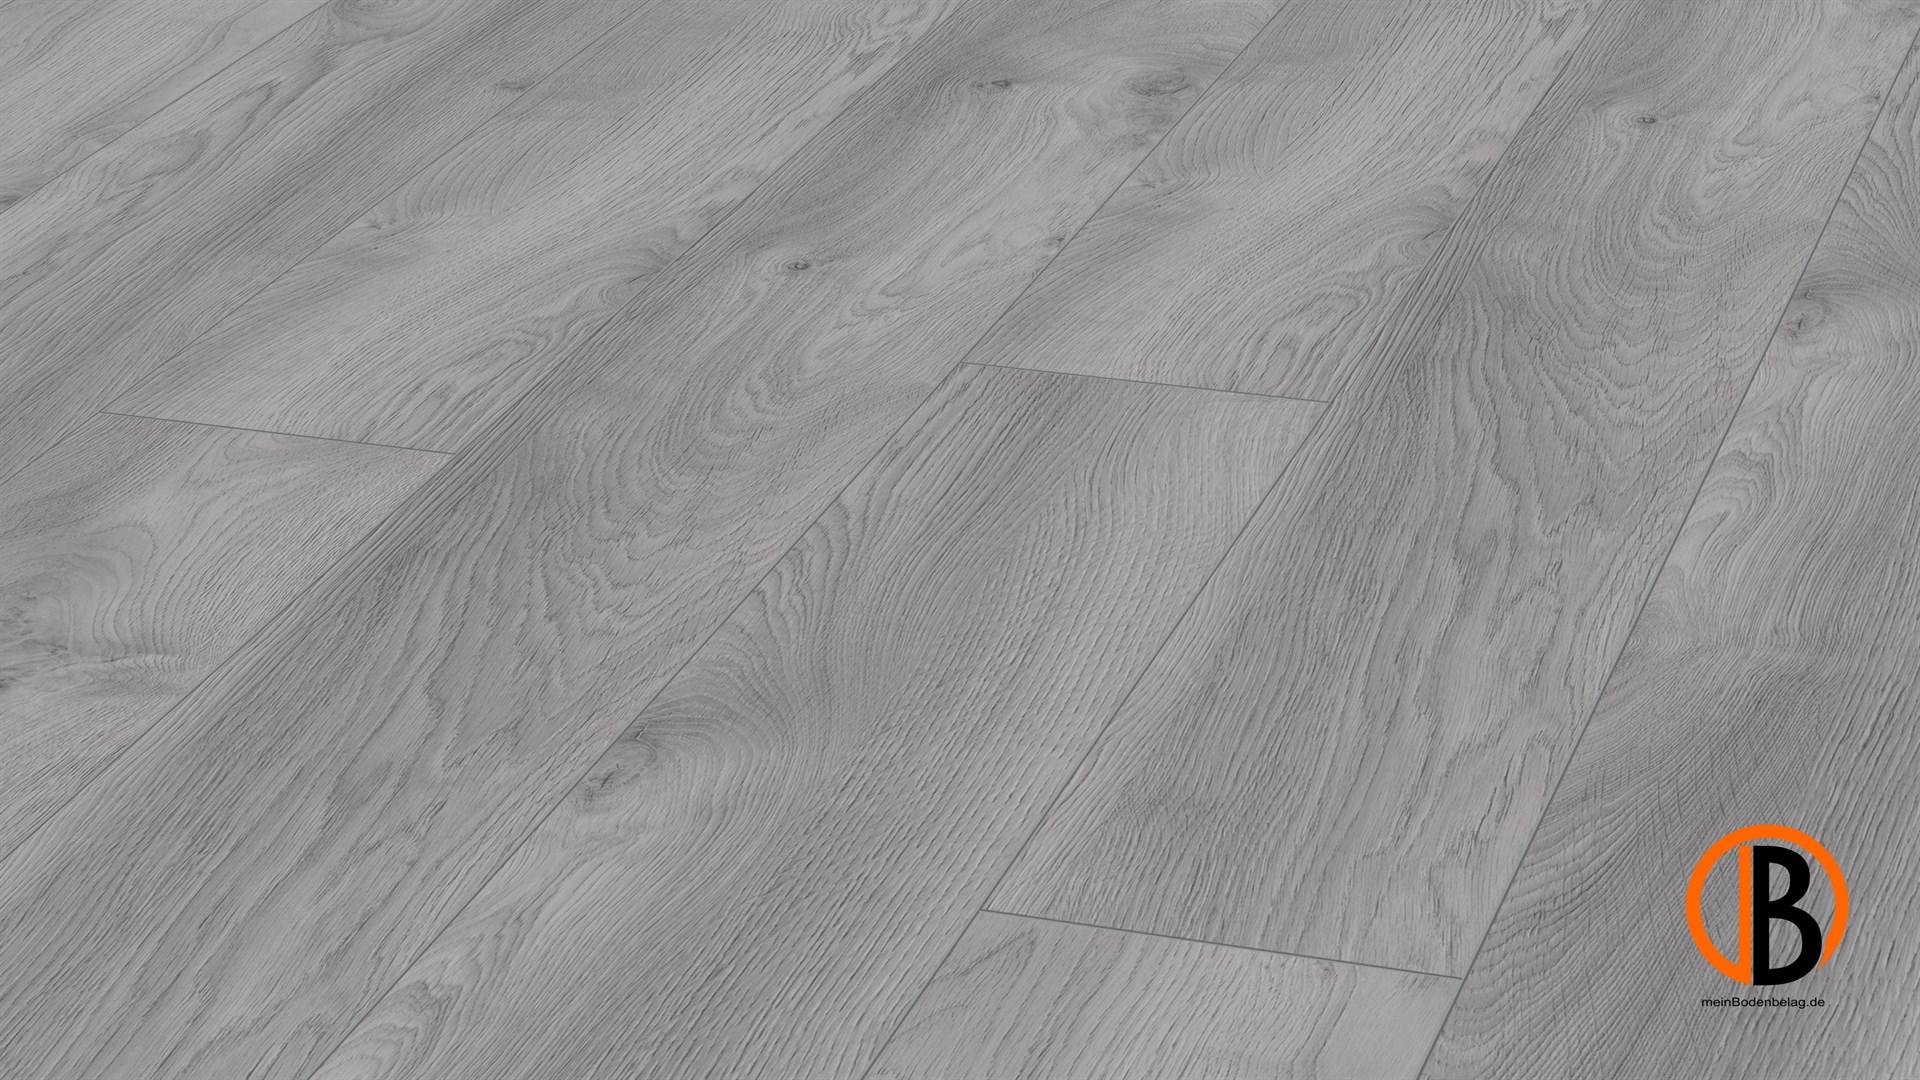 CINQUE KRONOTEX LAMINAT MAMMUT | 10003538;0 | Bild 1